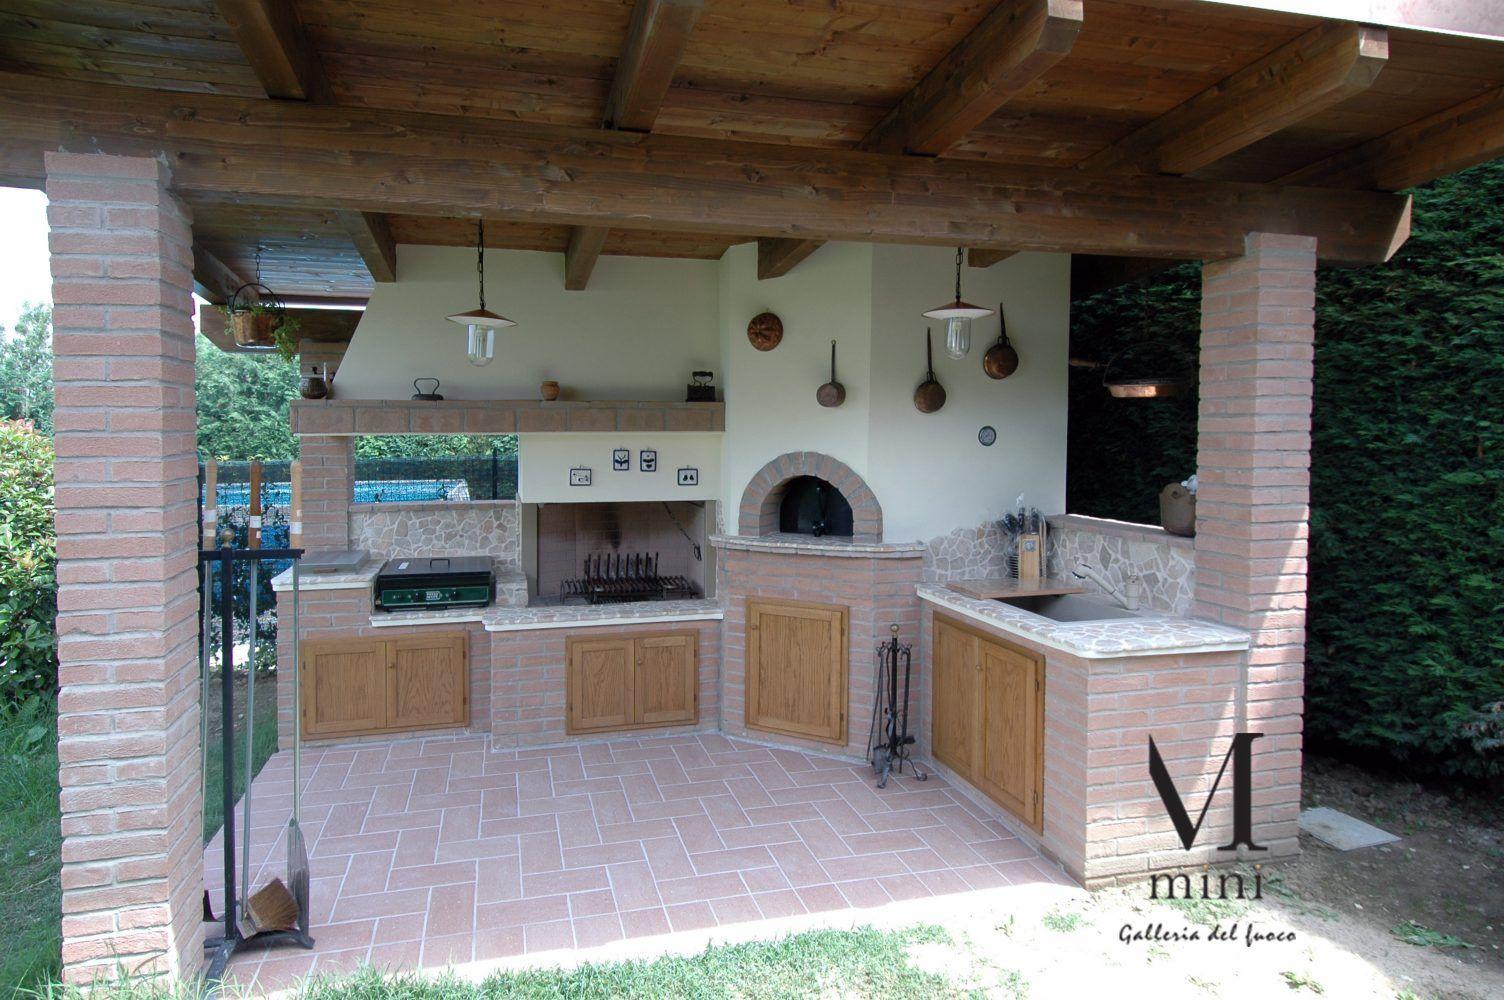 fornotettoiarusticobarbecue Forno esterno, Area